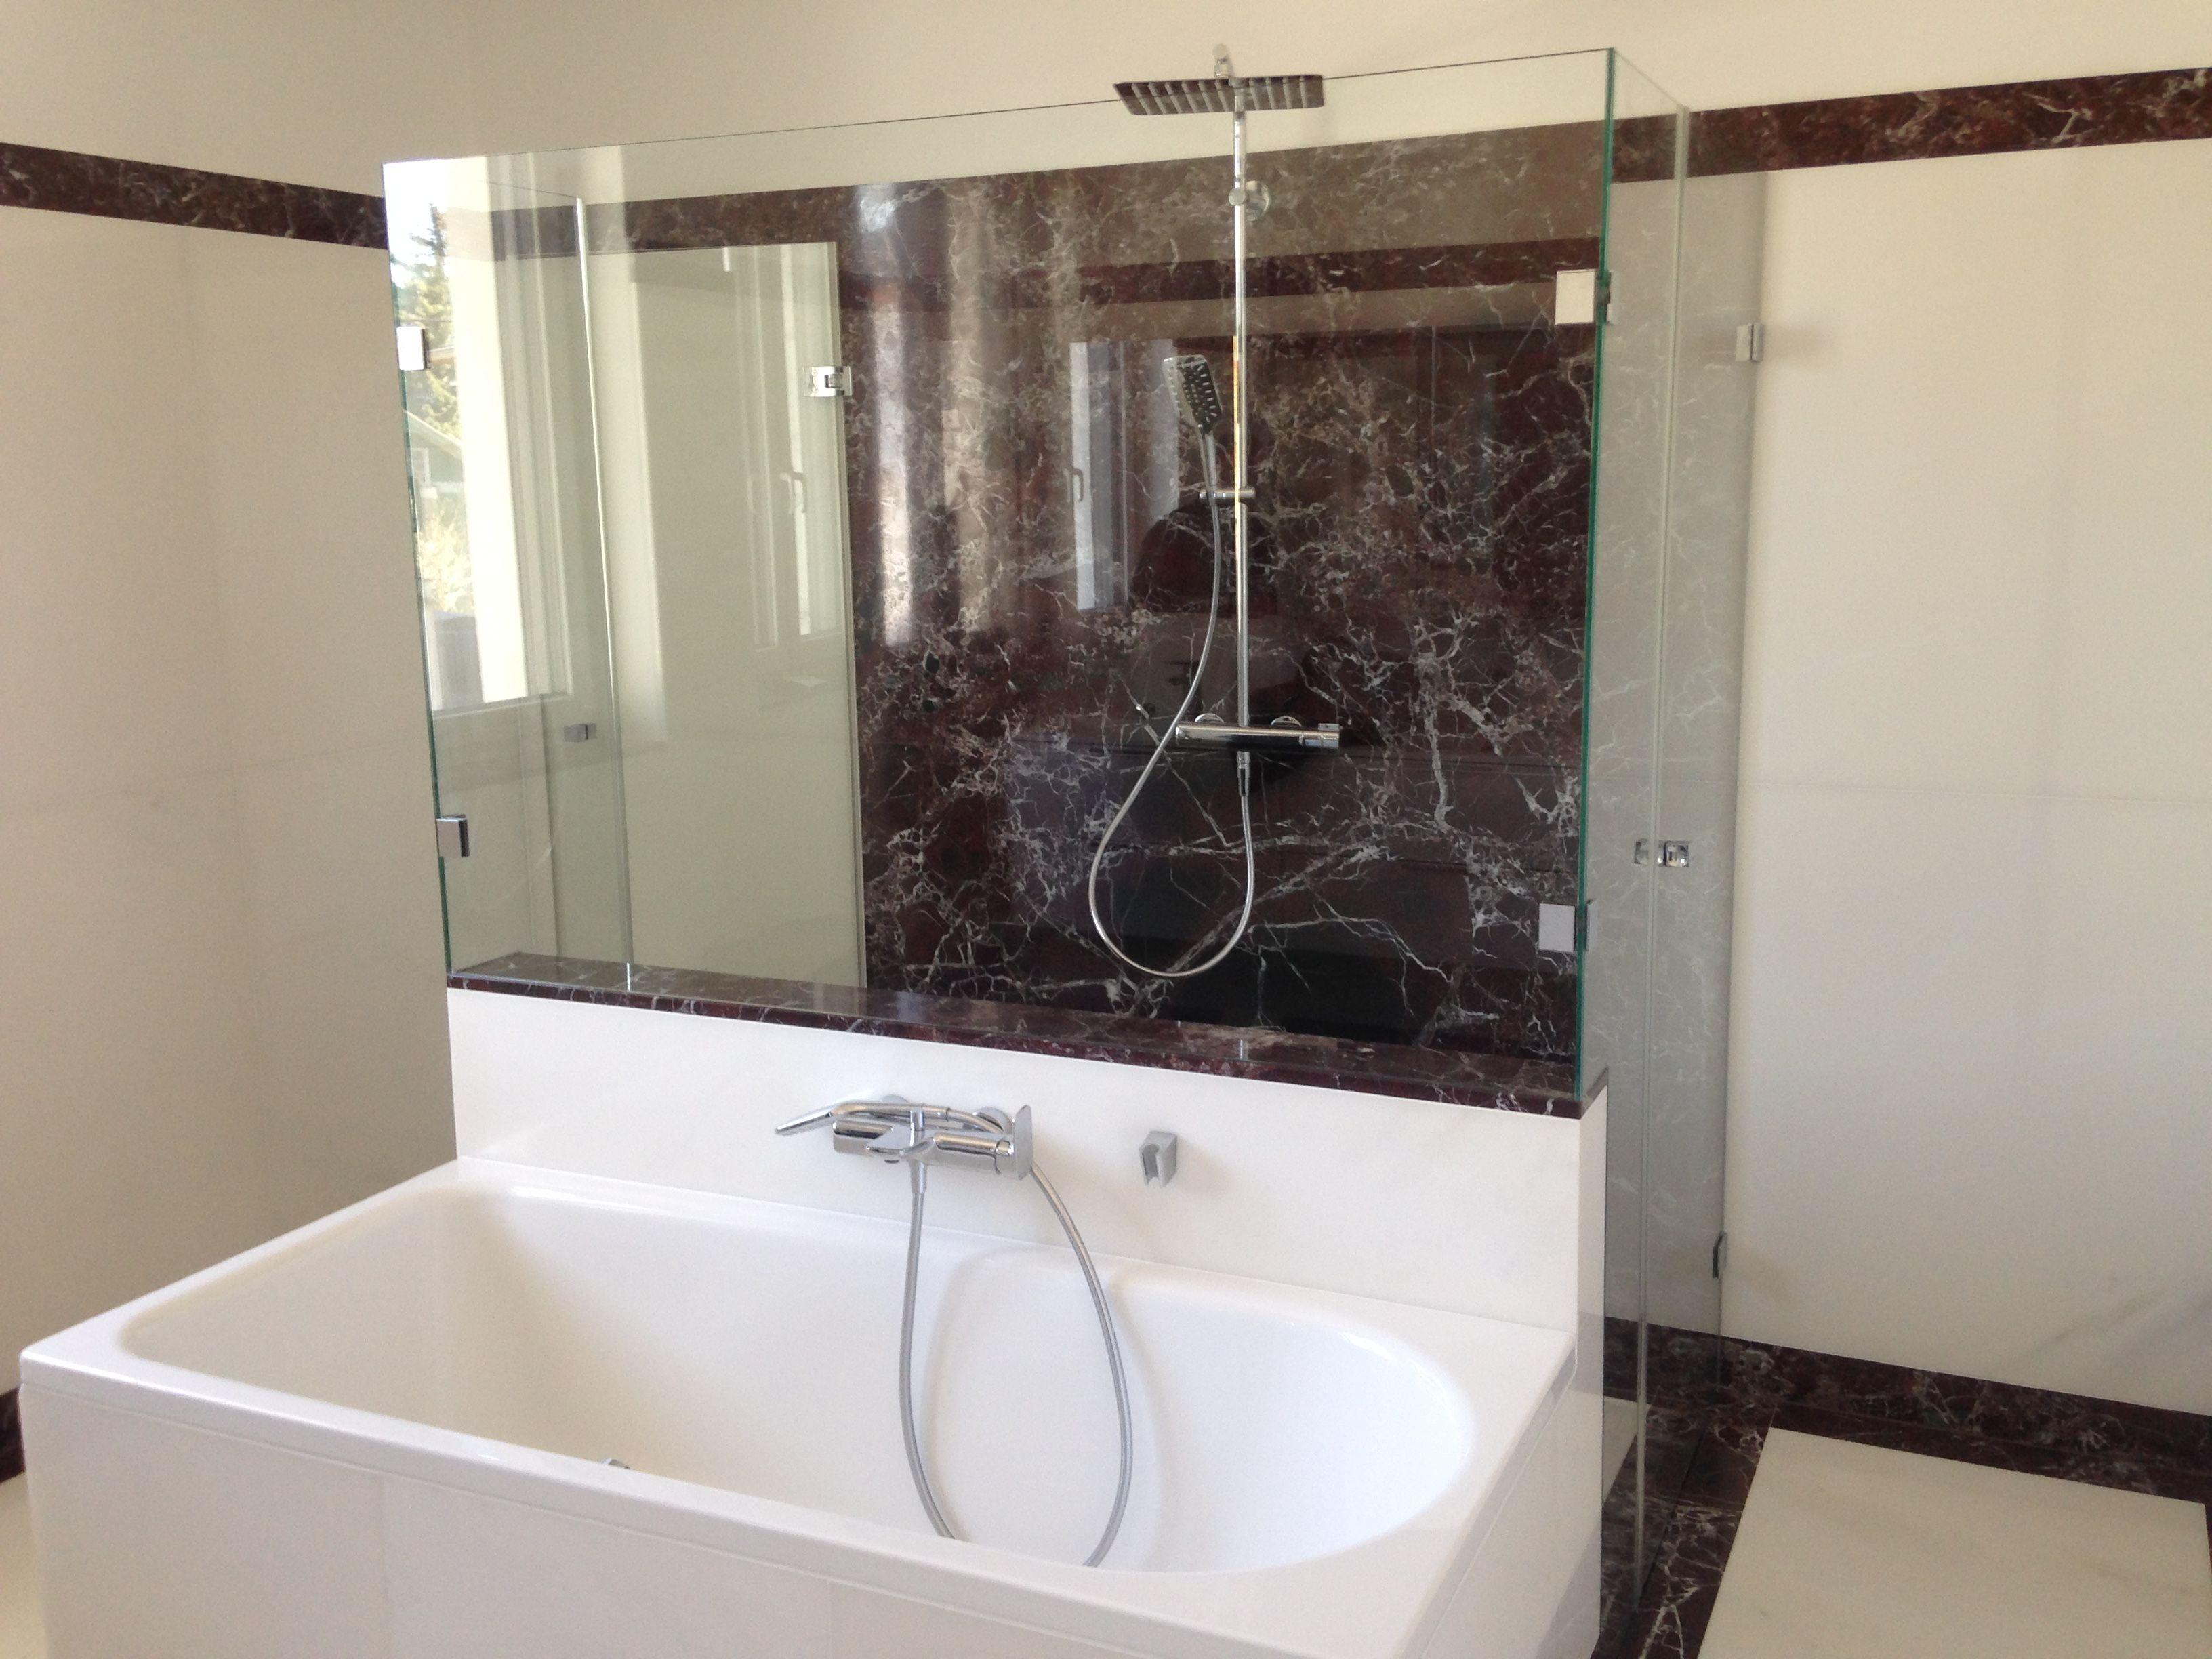 Trennwand Dusche Badewanne Badewanne Trennwand Dusche